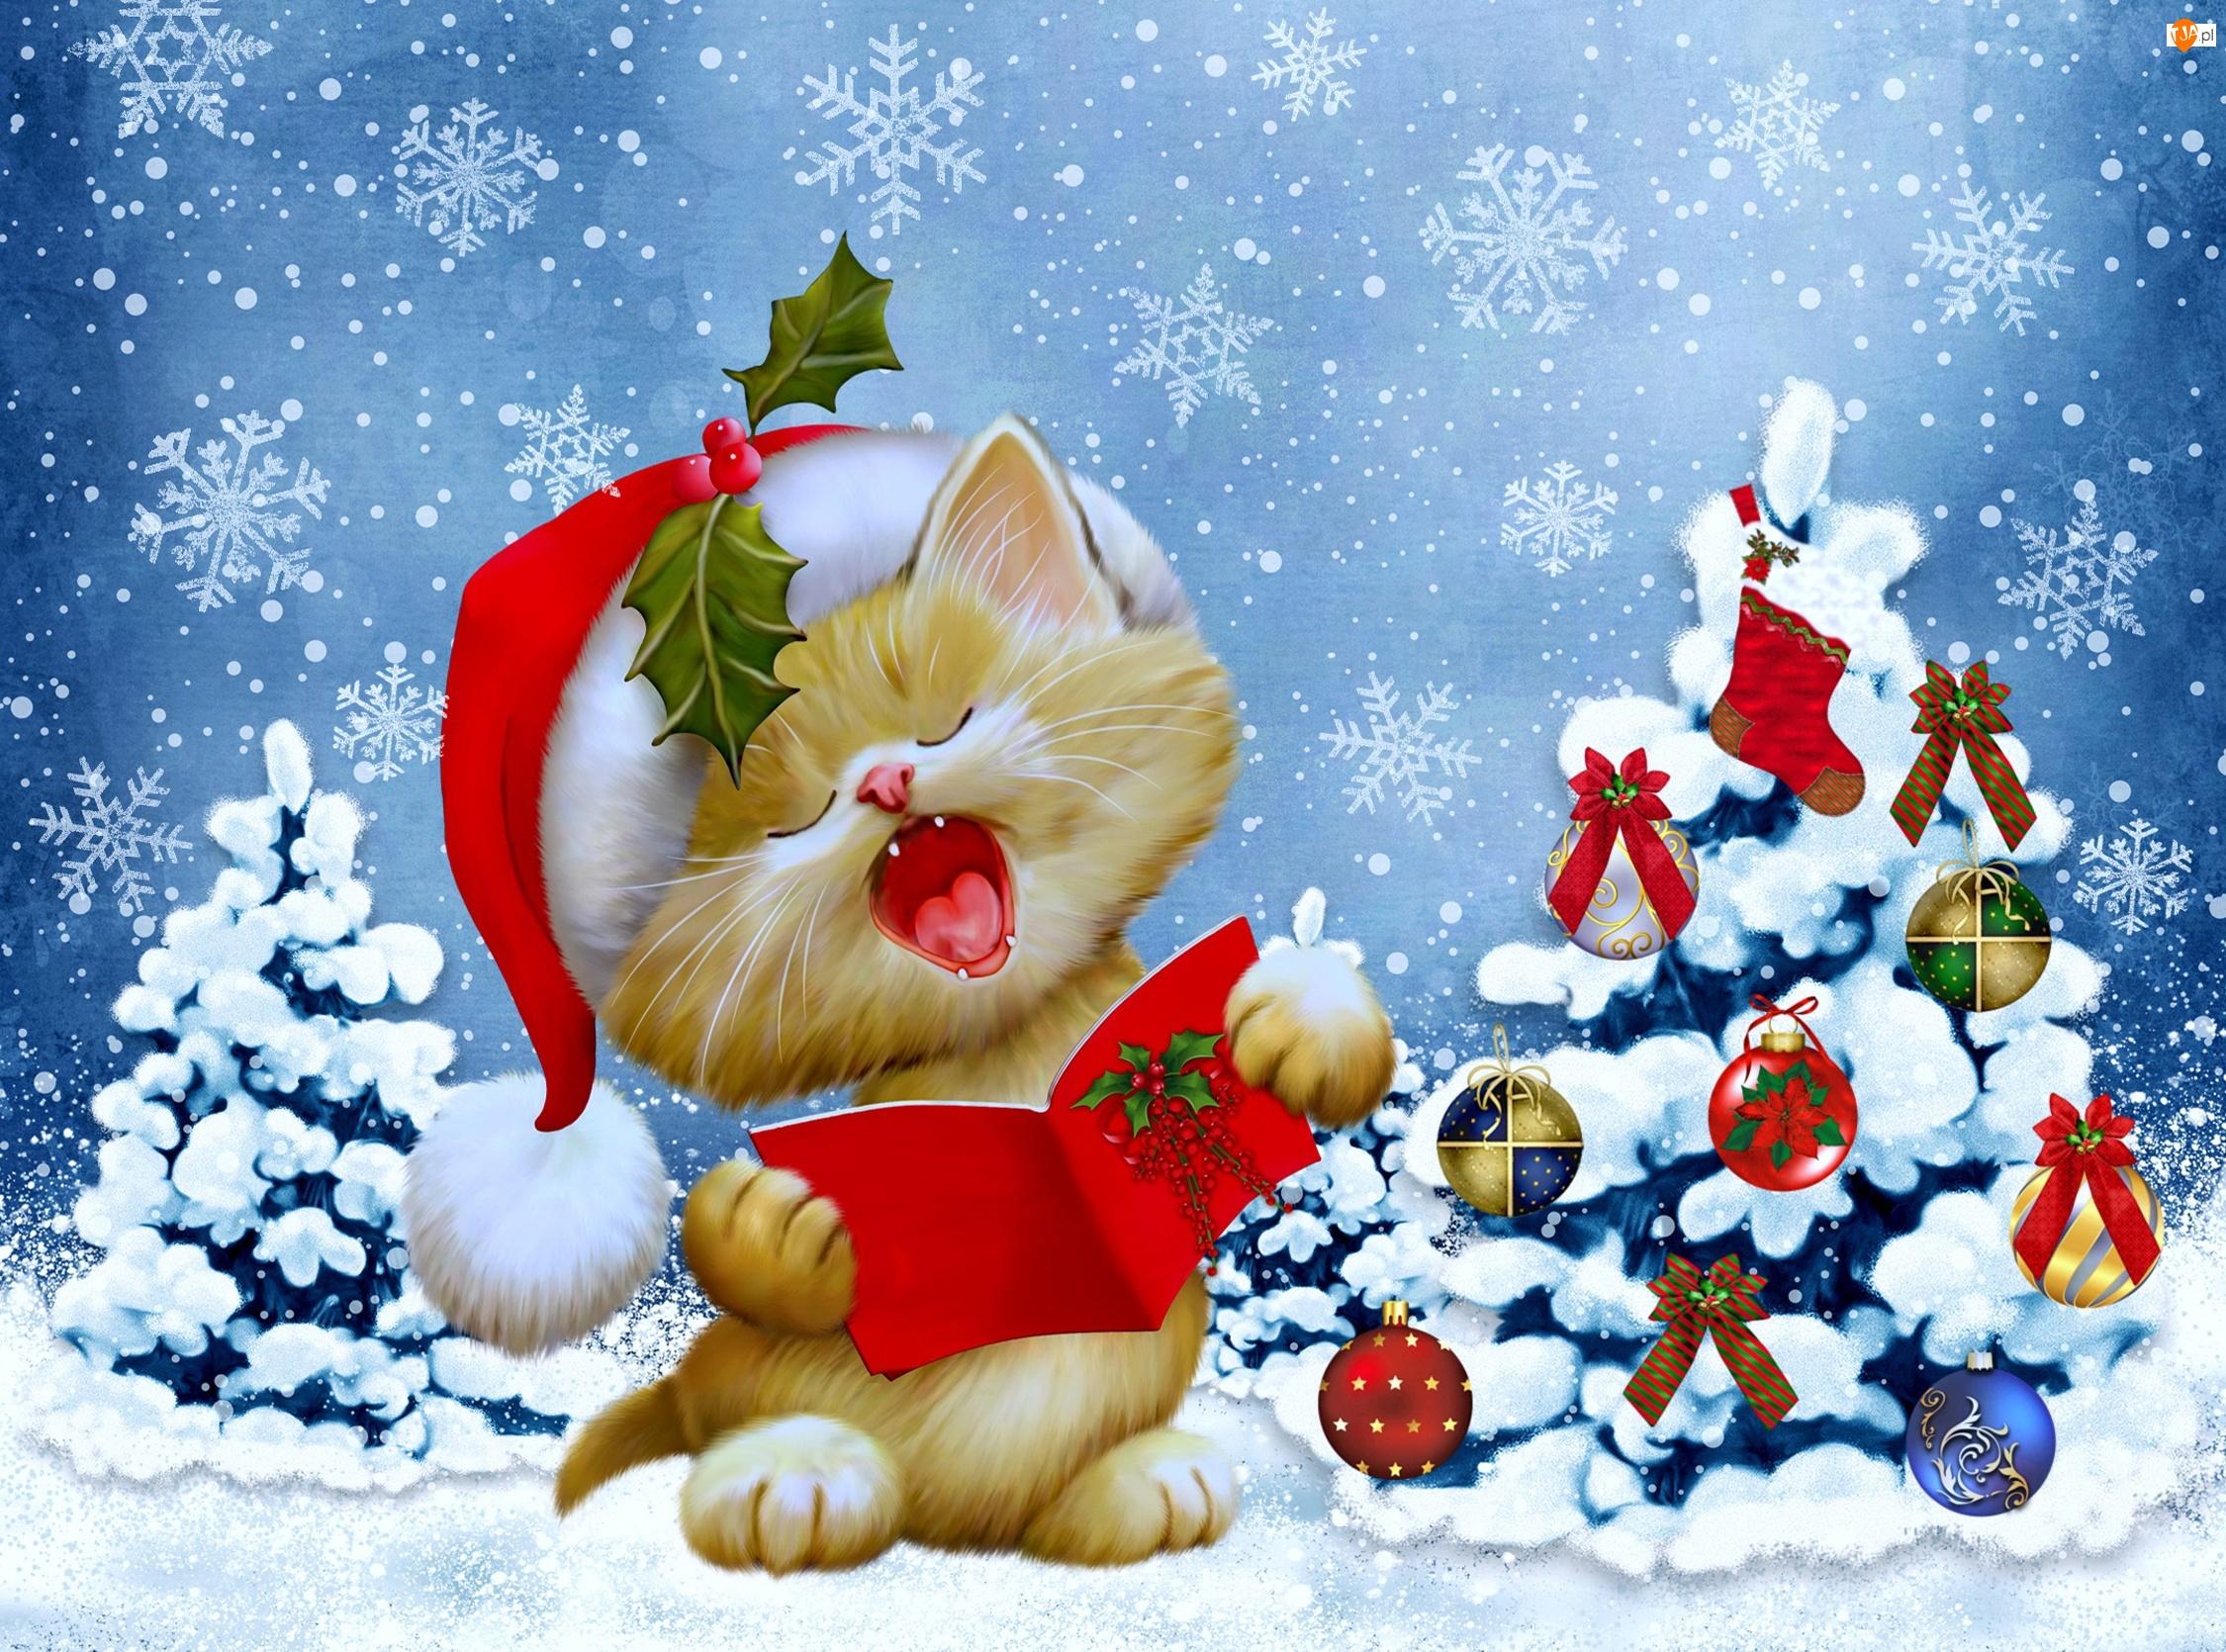 2D, Kotek, Choinka, Mikołaj, Boże Narodzenie